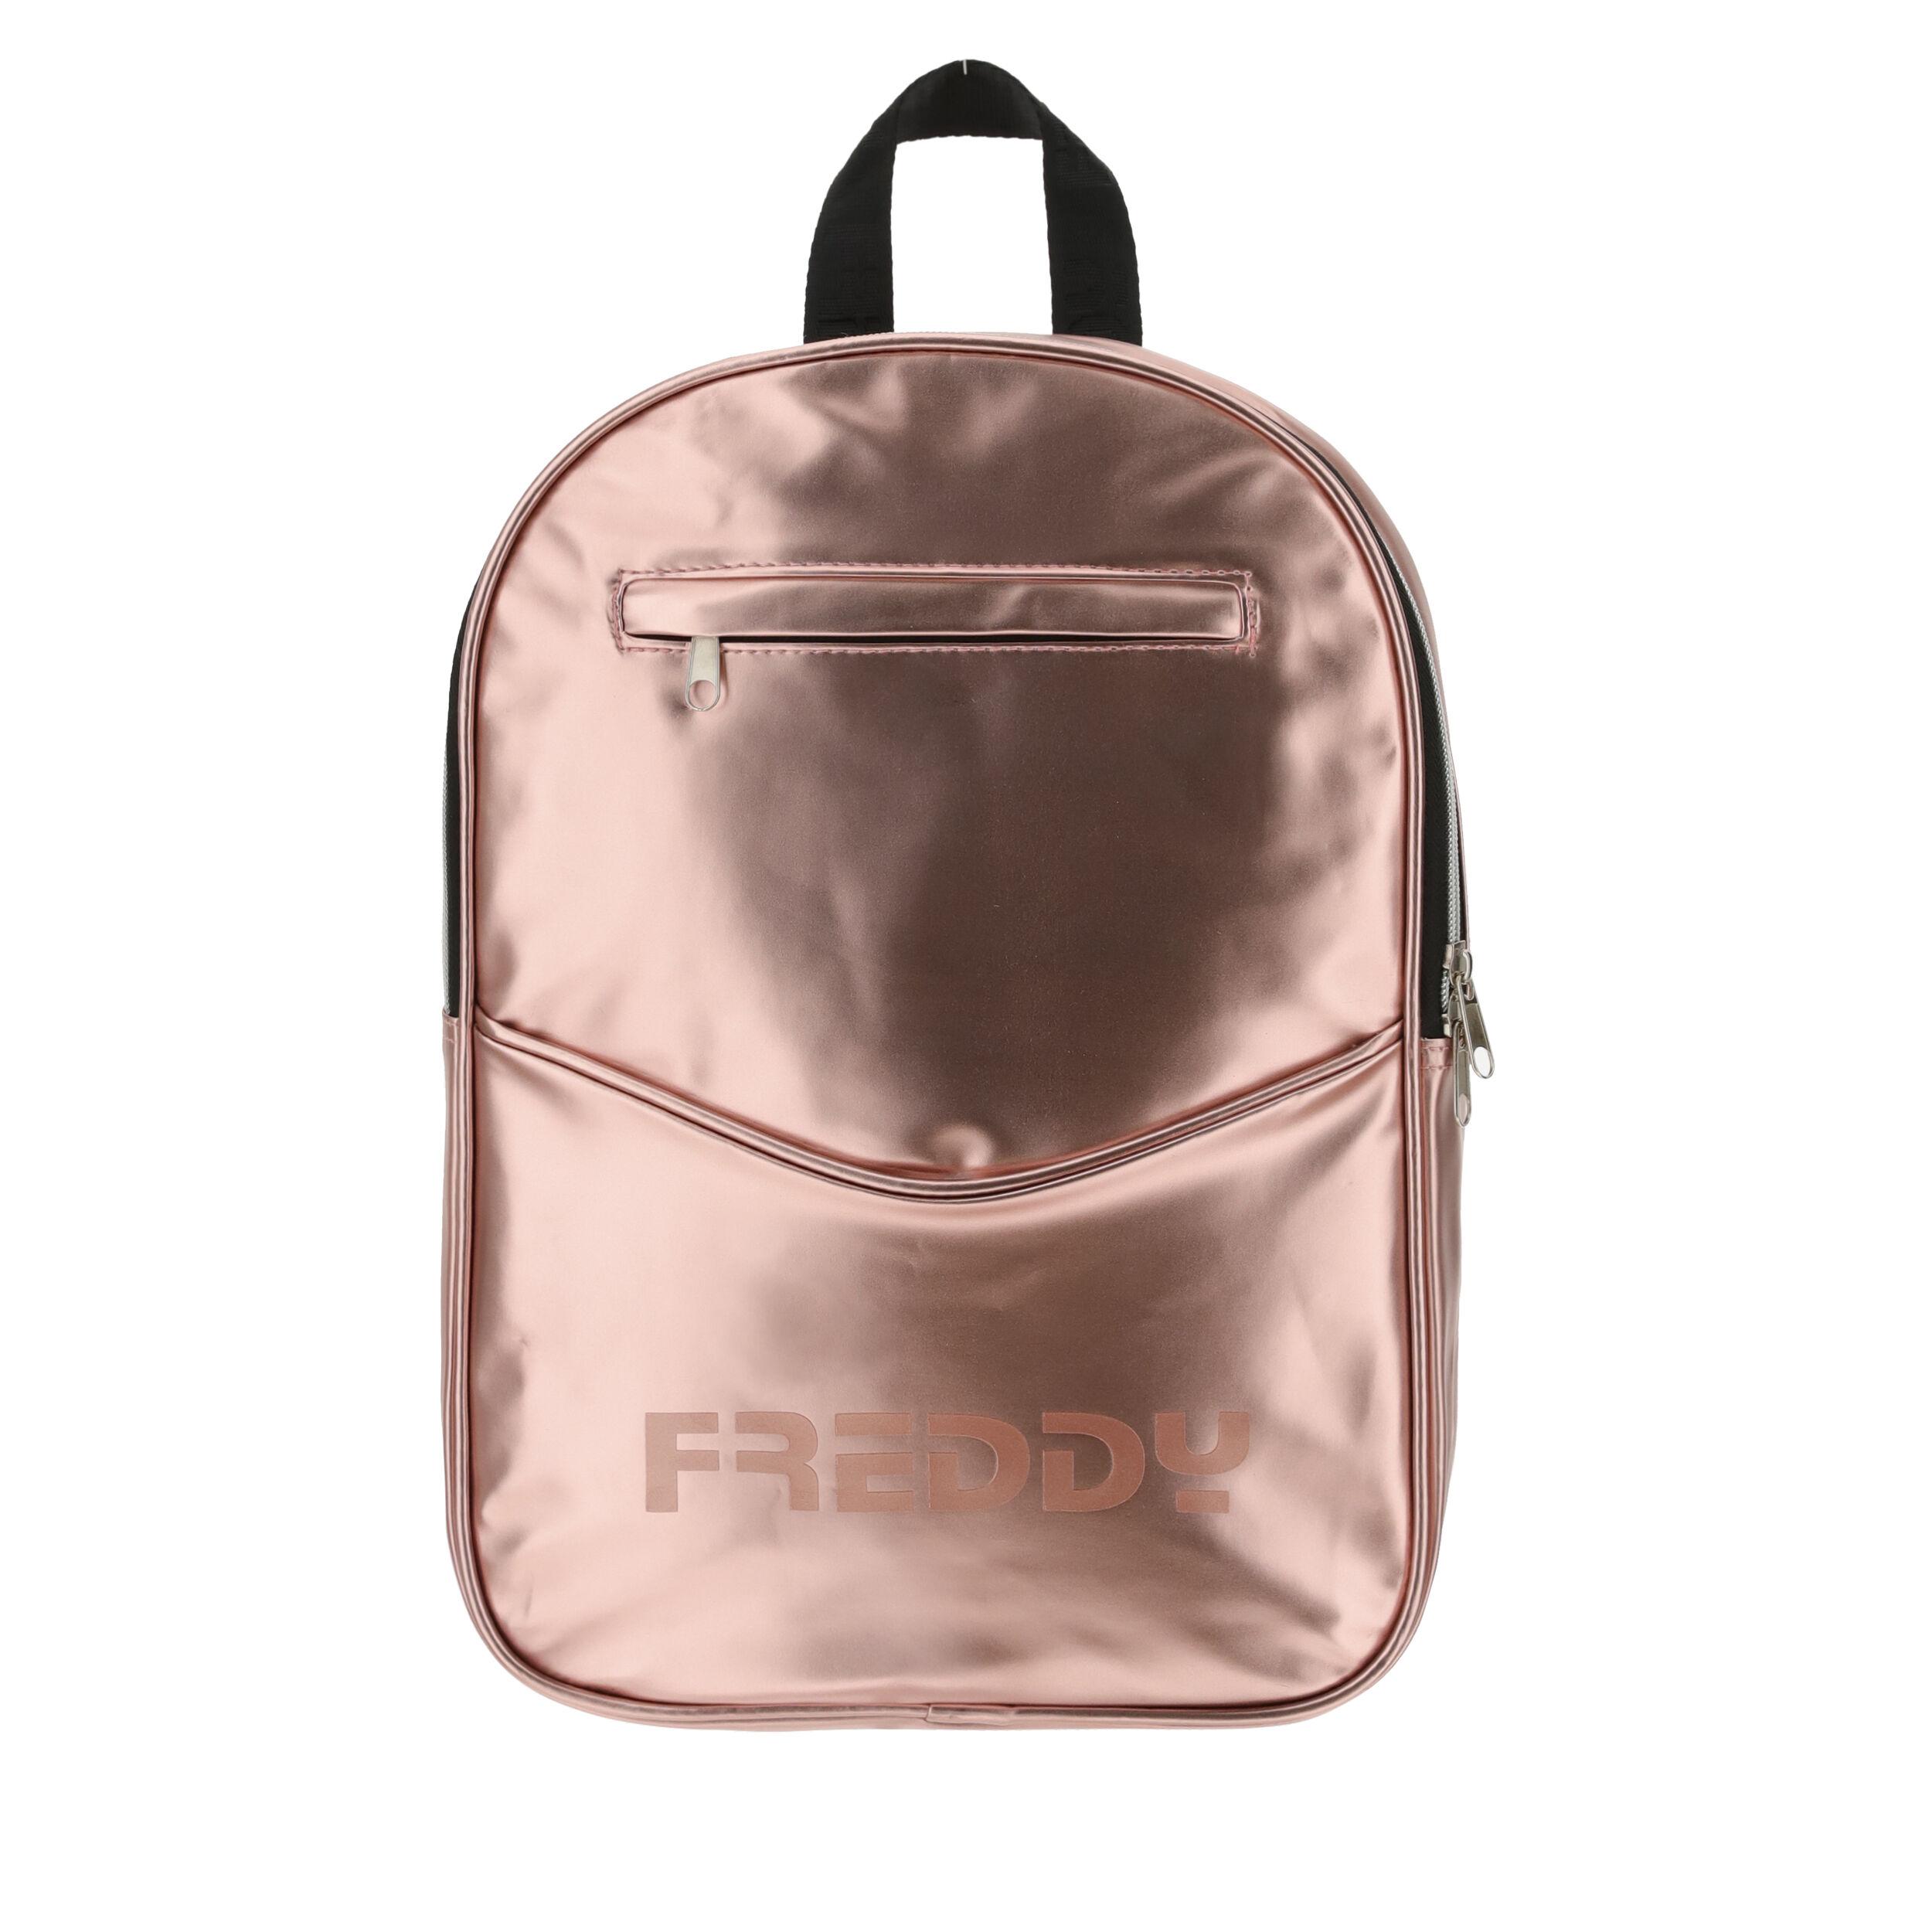 Freddy Zainetto in ecopelle metallizzata Pink